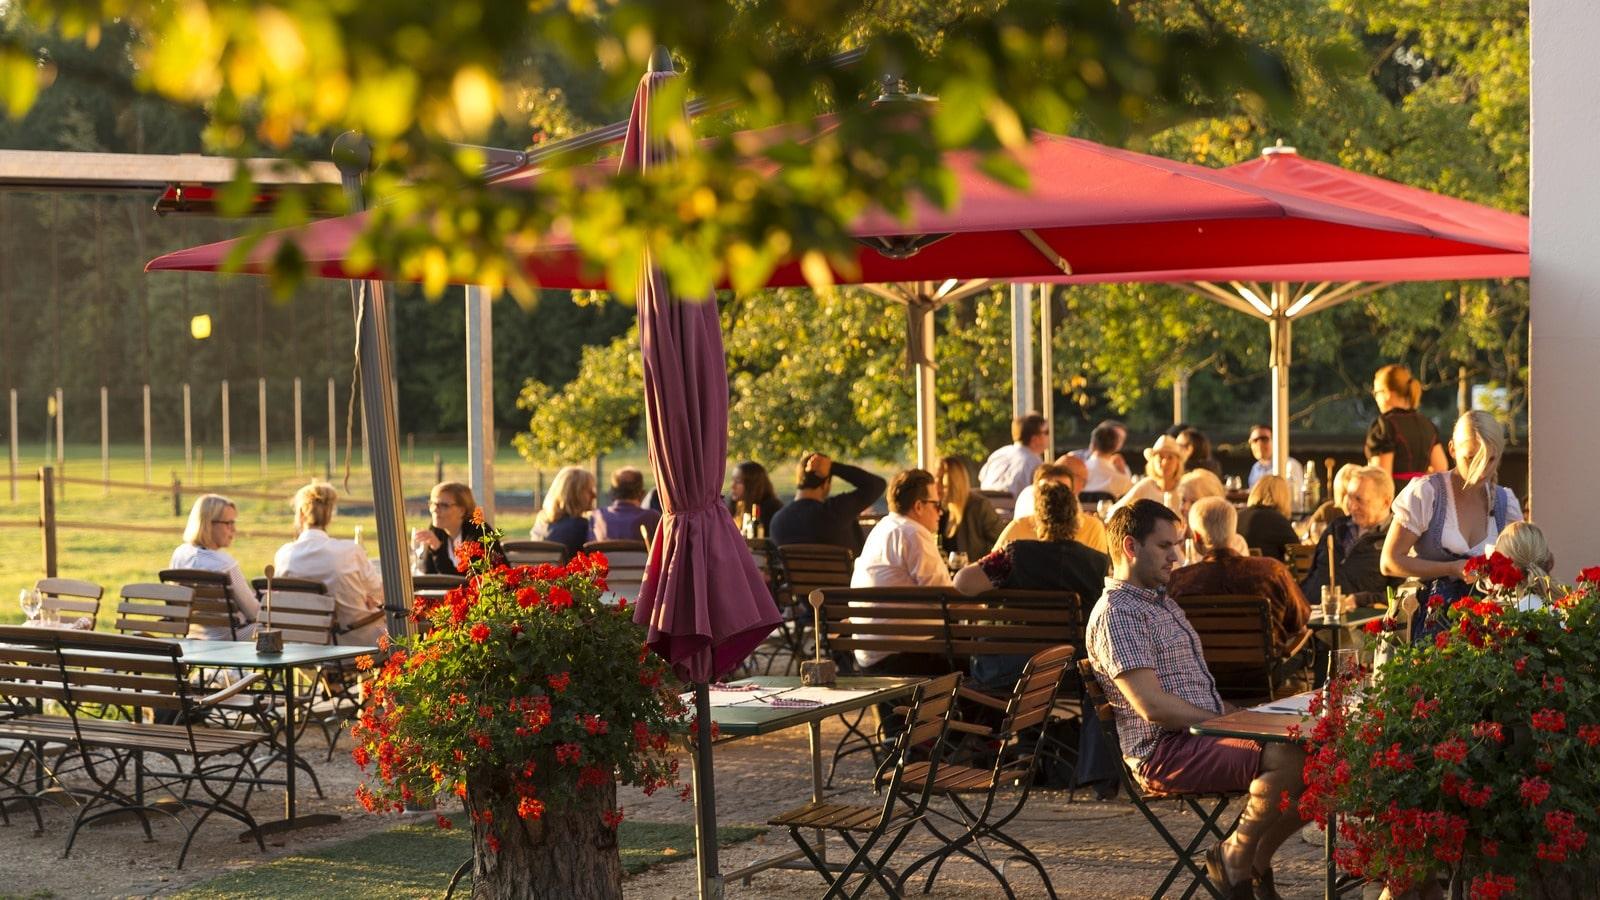 Réouverture des terrasse en suisse